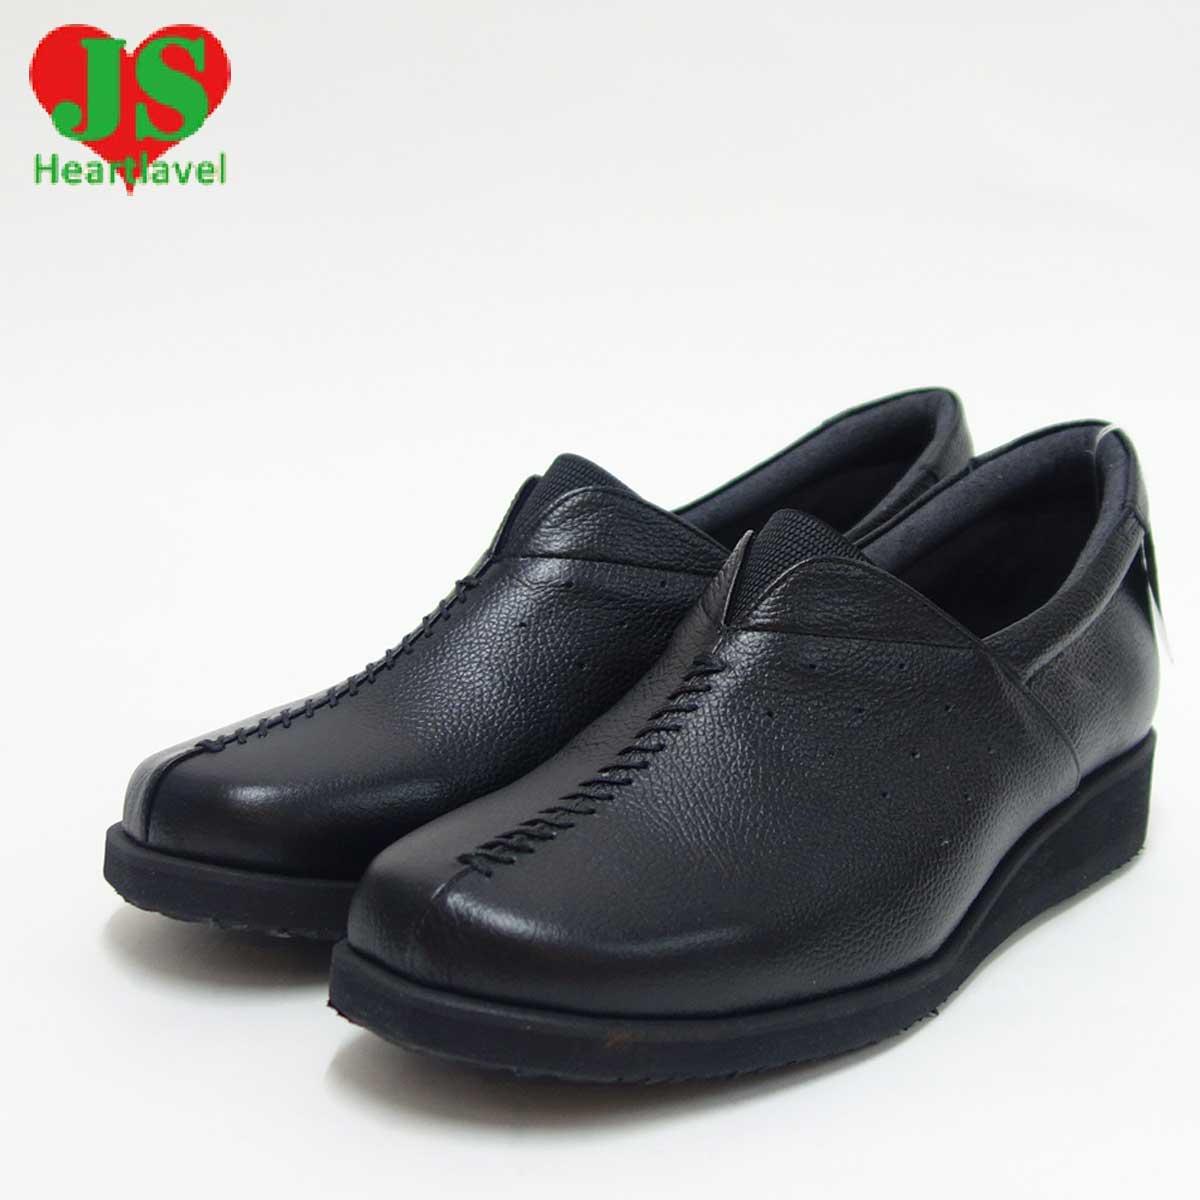 JS Heartlavel ジェイエス ハートラベル1156 ブラック(レディース)日本製ゆったりEEEEの楽ちんシューズ天然皮革のカジュアルシューズ 「靴」, 頴娃町 fdd4fd09